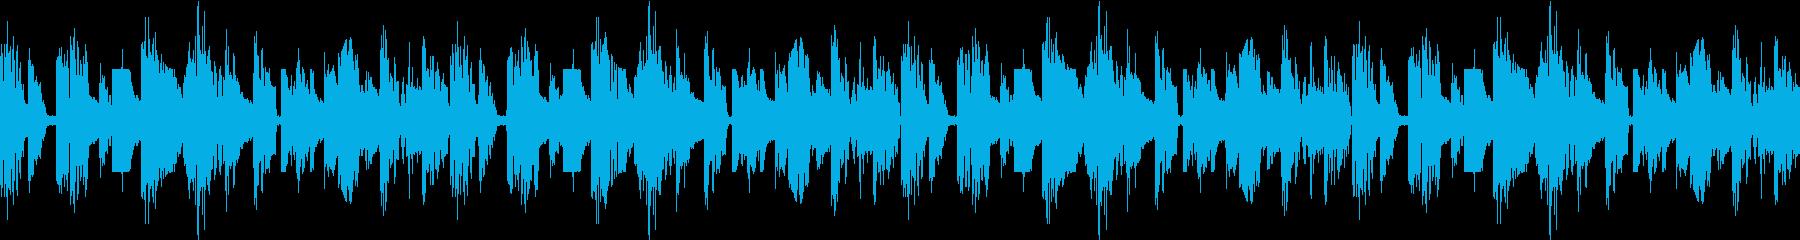 ブレイクビーツのようなエレクトロサウンドの再生済みの波形